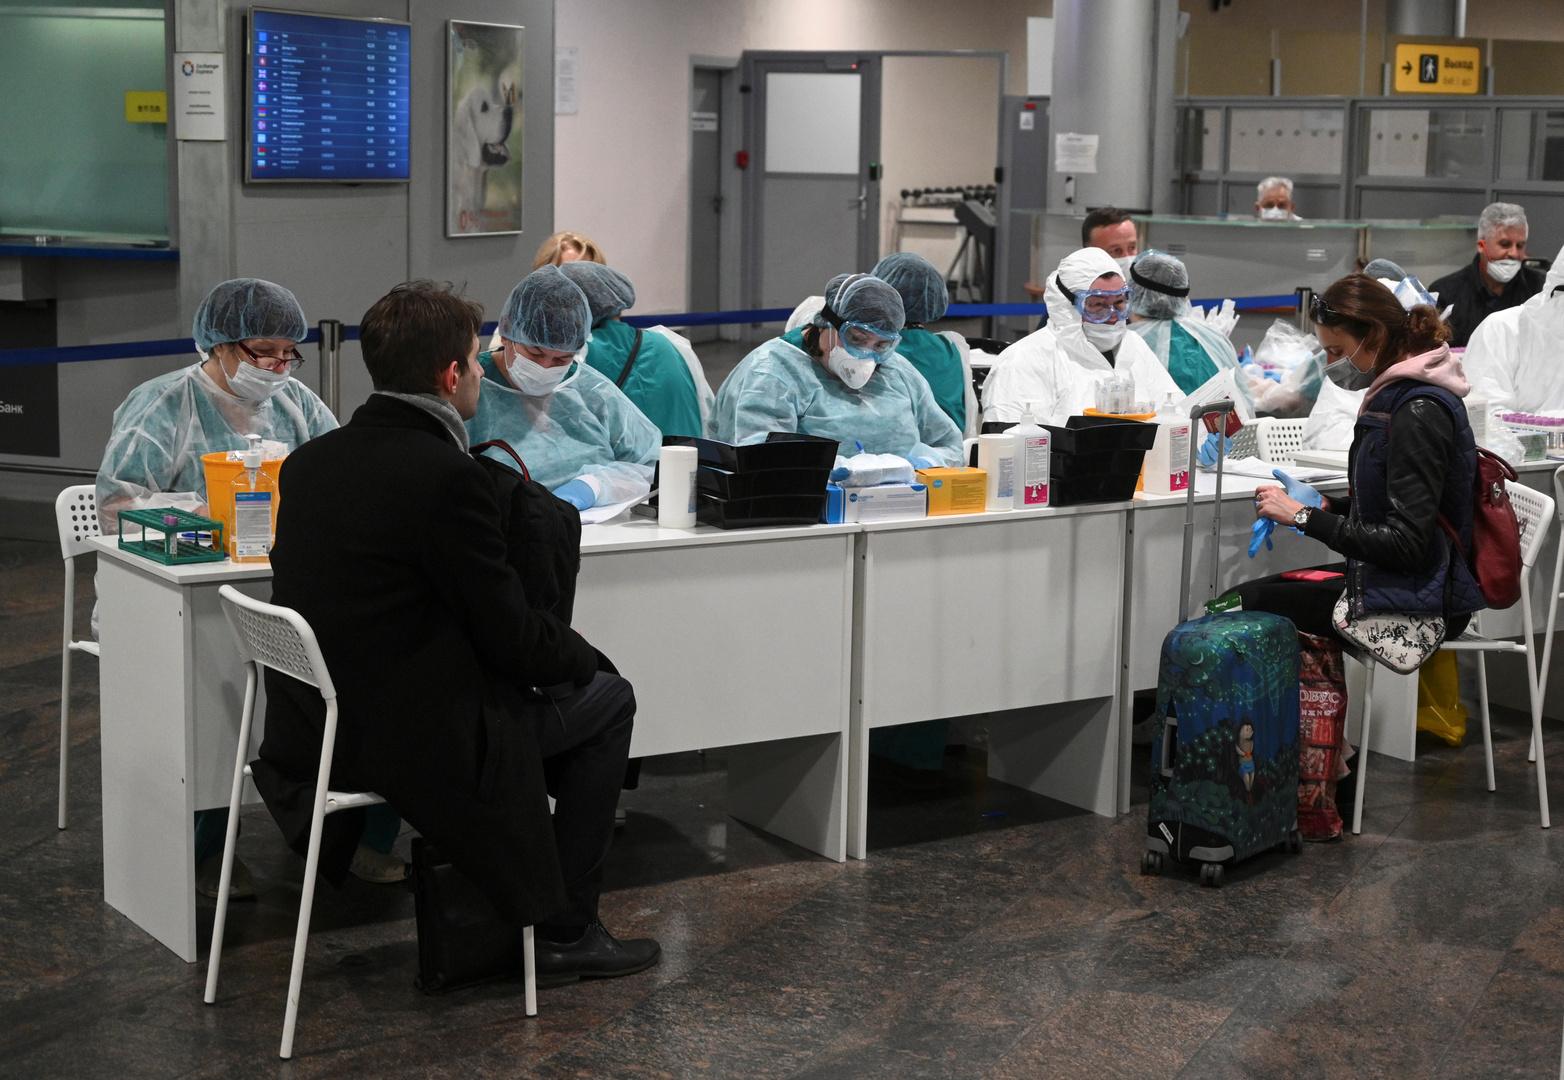 روسيا تلزم القادمين من بريطانيا بالخضوع للحجر الصحي لمدة 14 يوما